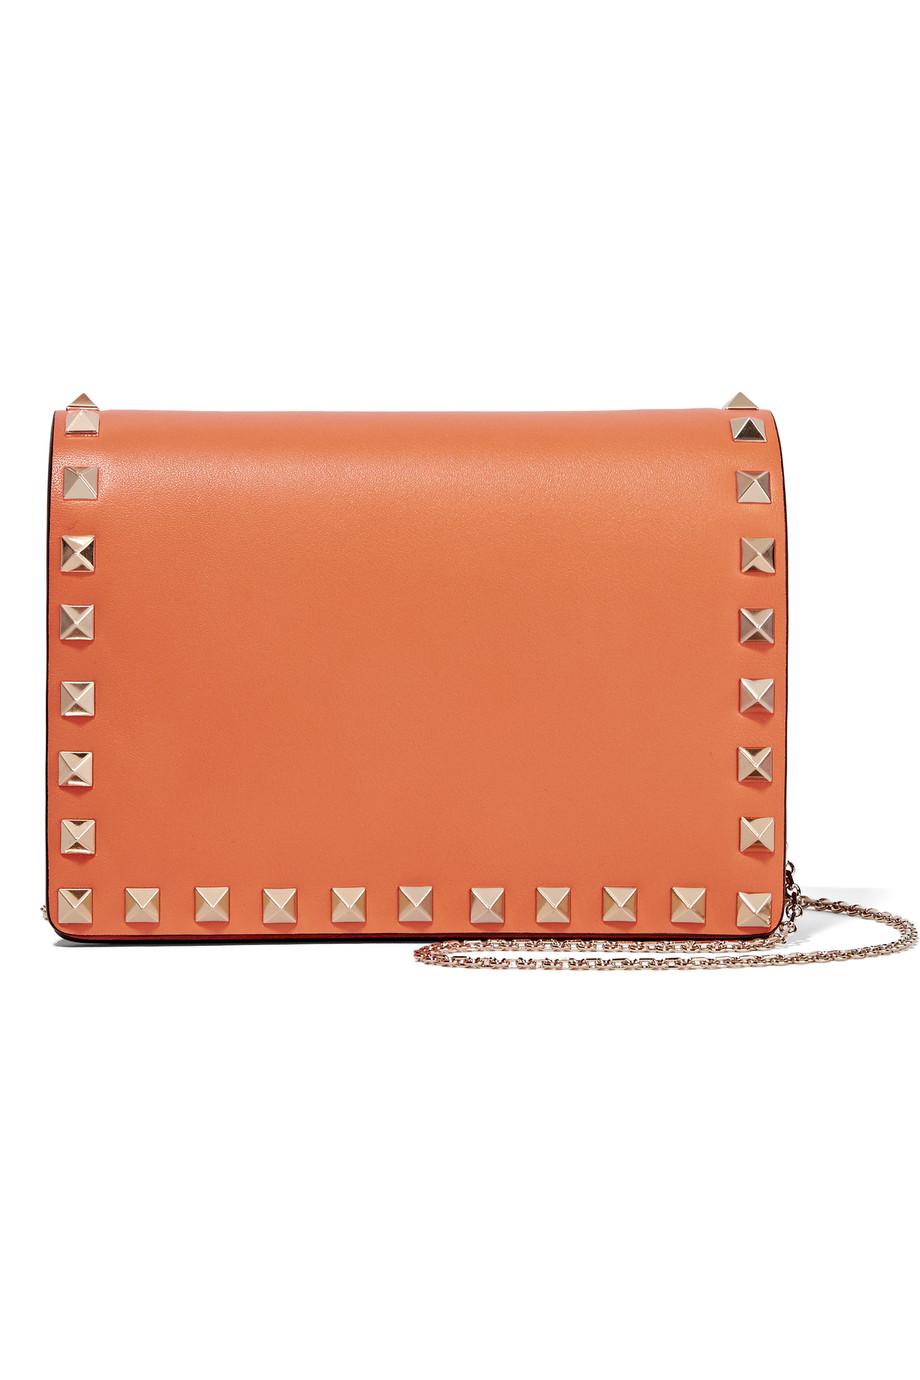 Valentino The Rockstud Leather Shoulder Bag, Orange, Women's